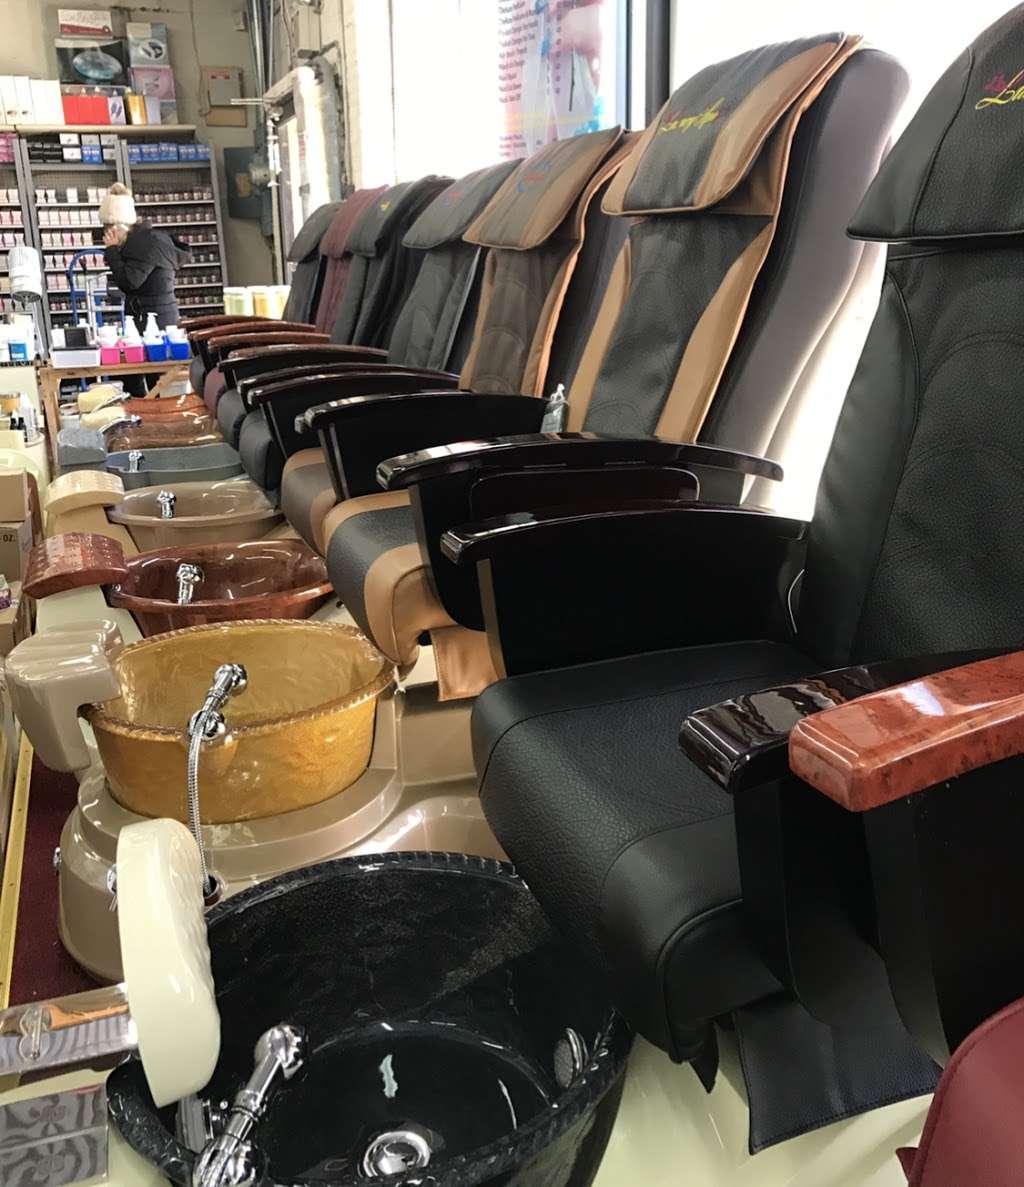 Angelina Nail Supply Inc. - store  | Photo 5 of 7 | Address: 686 4th Ave, Brooklyn, NY 11232, USA | Phone: (718) 832-1688